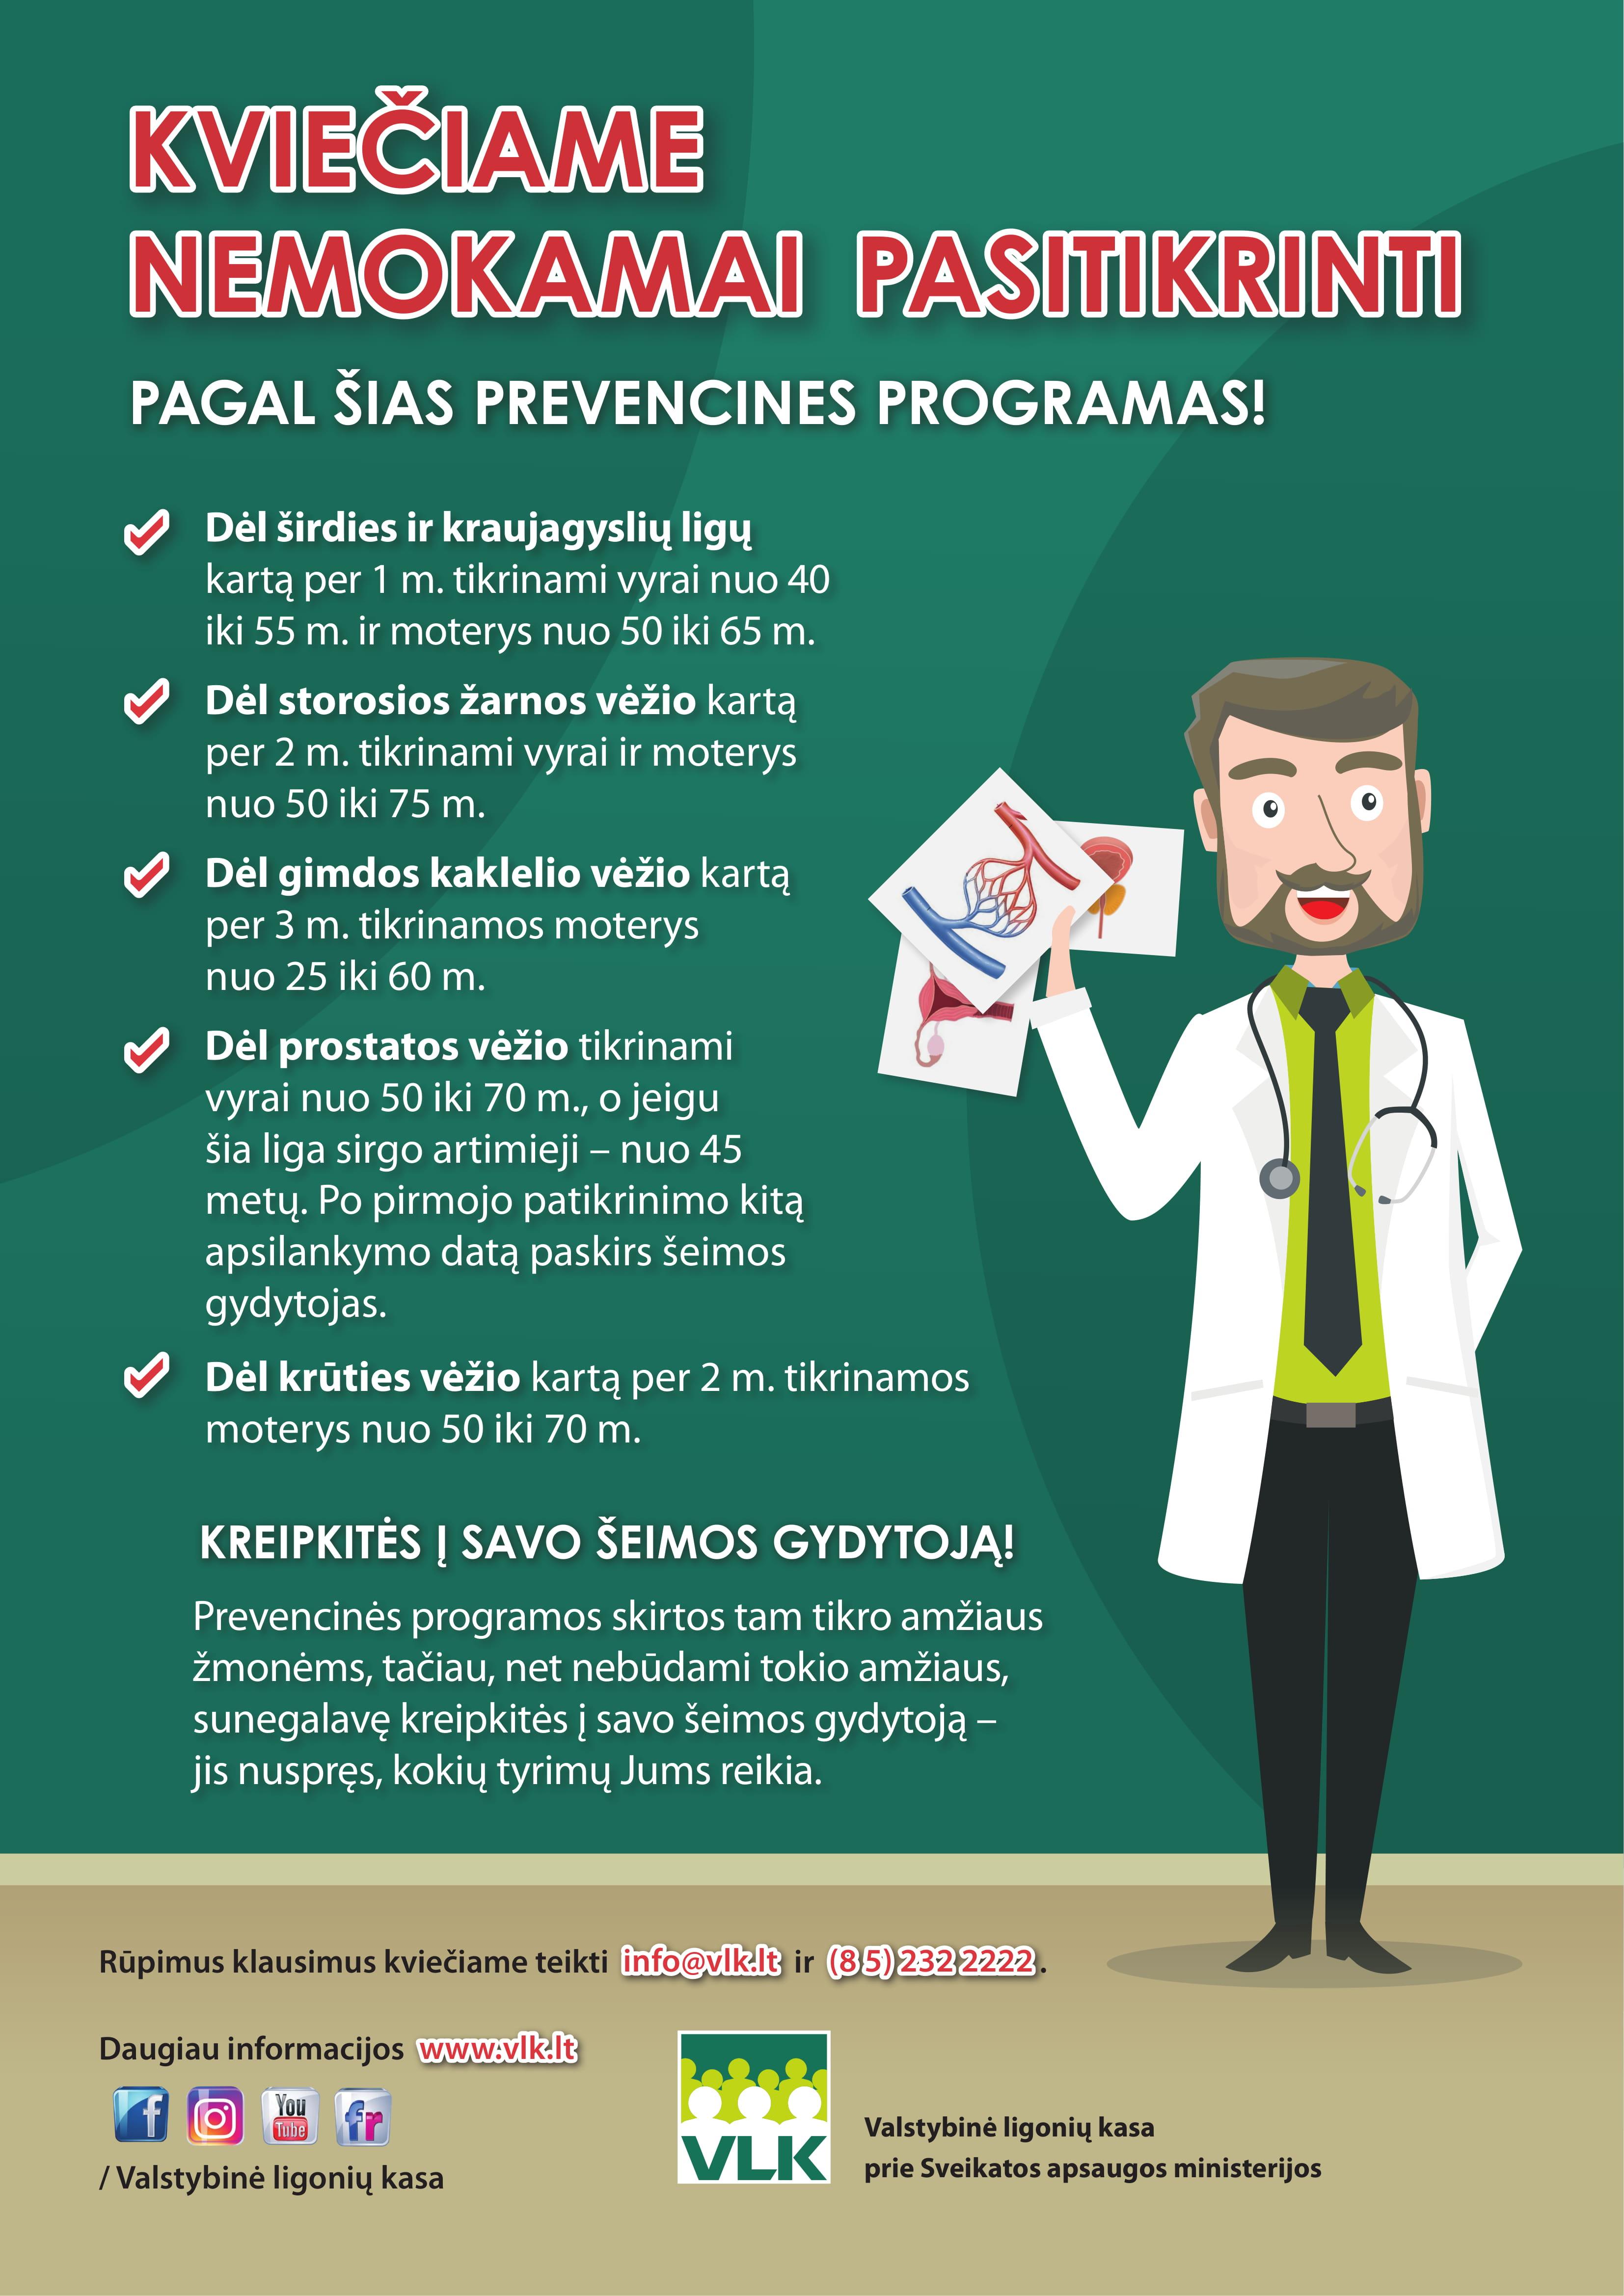 vlk prevencinės programos